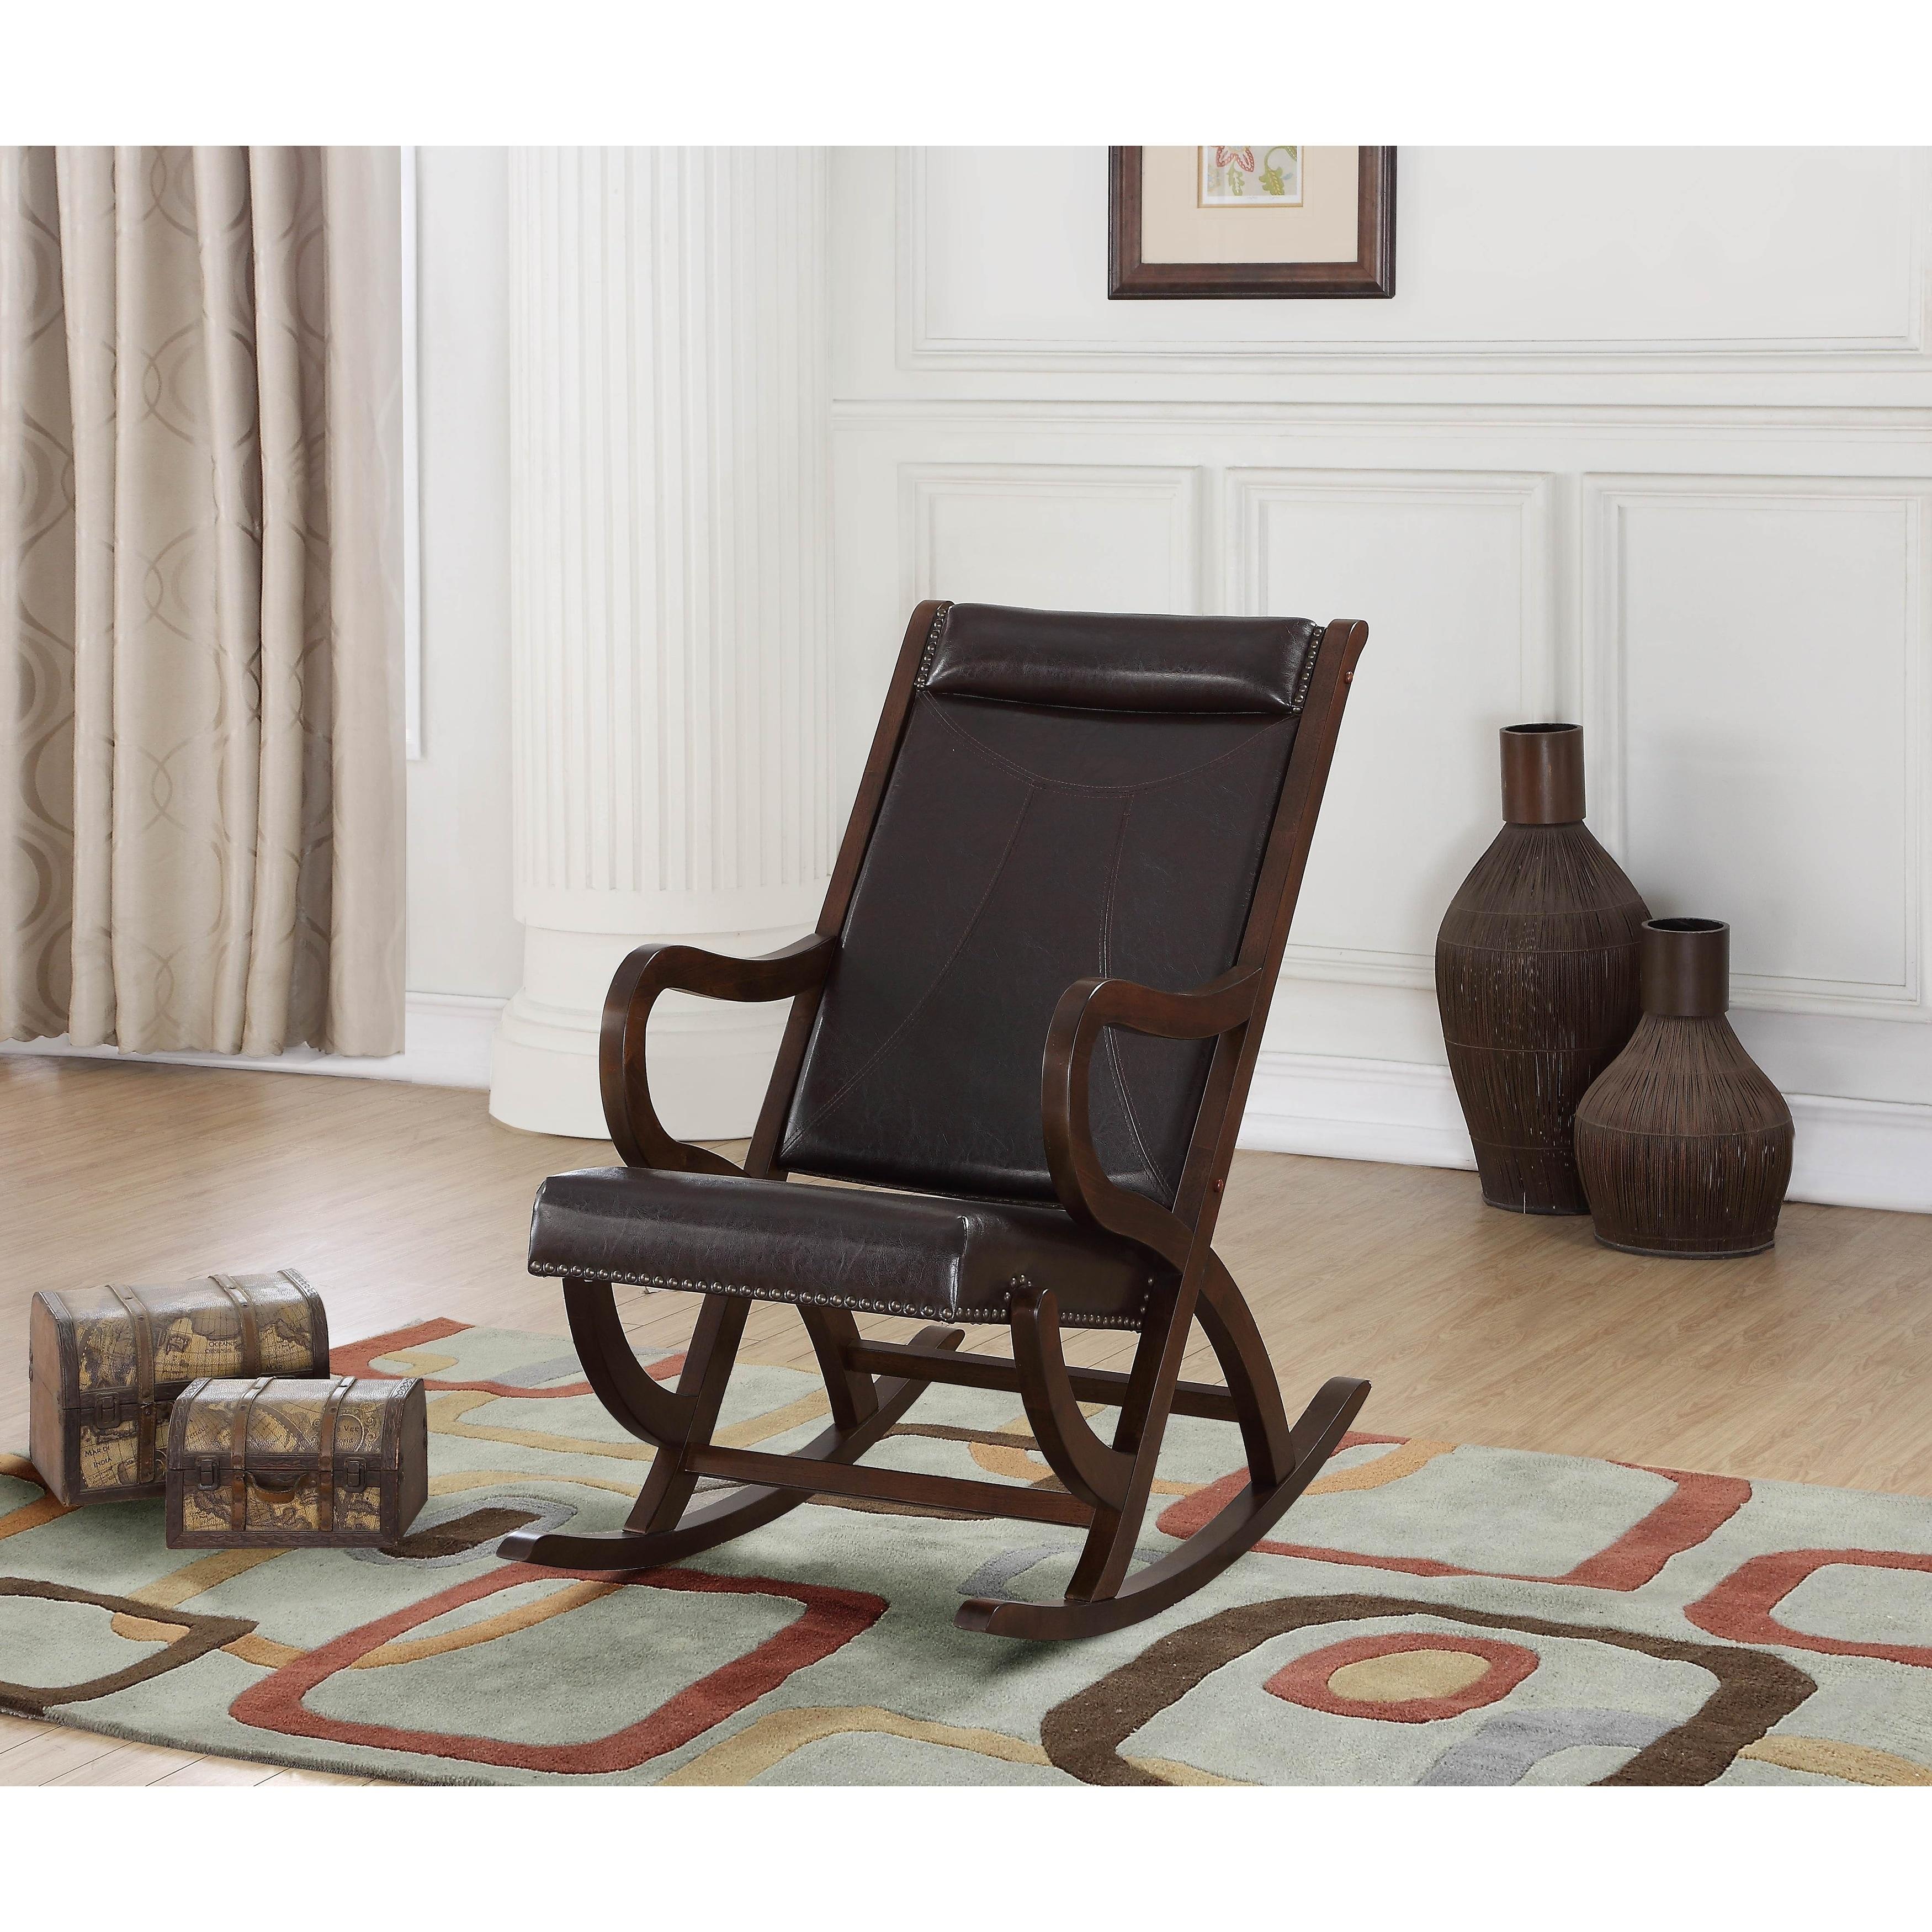 Excellent Carbon Loft Ariel Rocking Chair In Espresso Pu And Walnut Squirreltailoven Fun Painted Chair Ideas Images Squirreltailovenorg